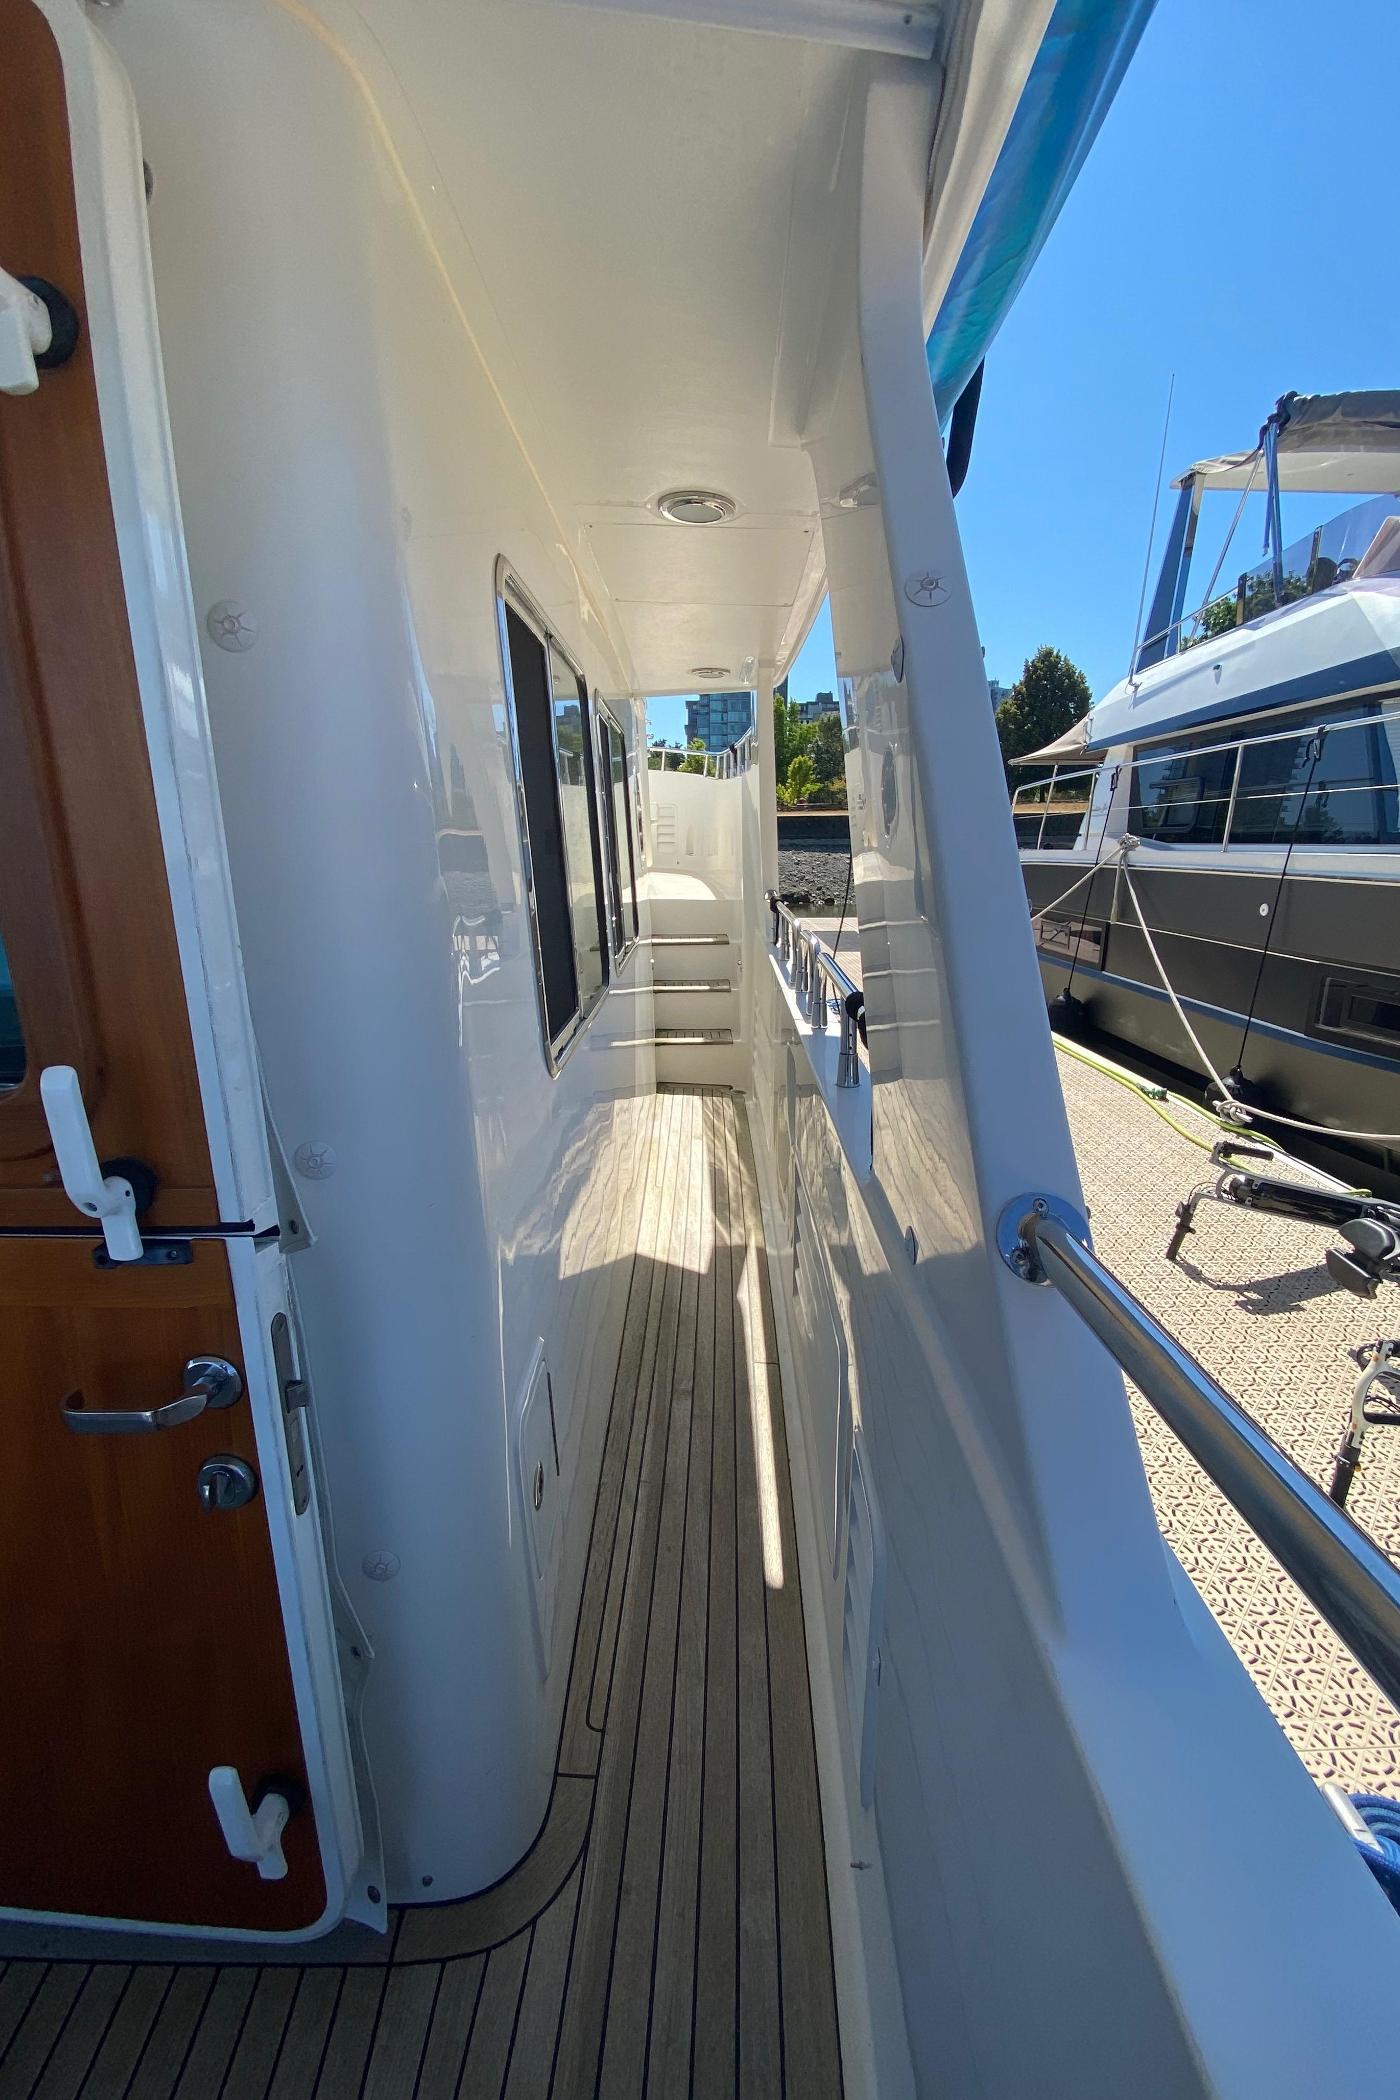 2011 Selene 45, Side decks